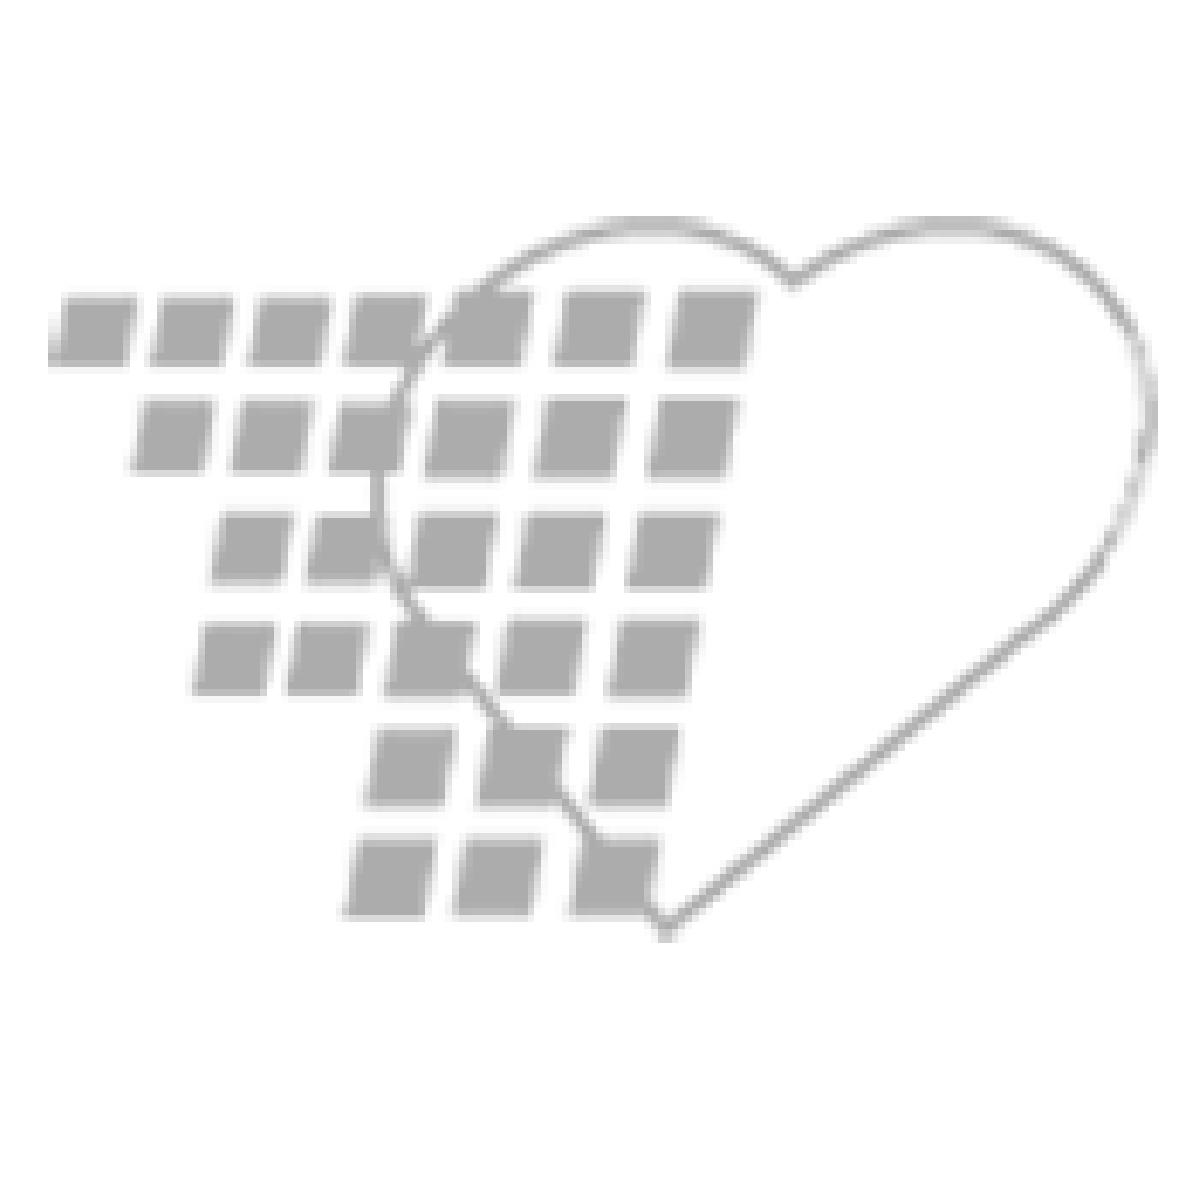 06-93-0427 - Demo Dose® Lipds 20%  500mL